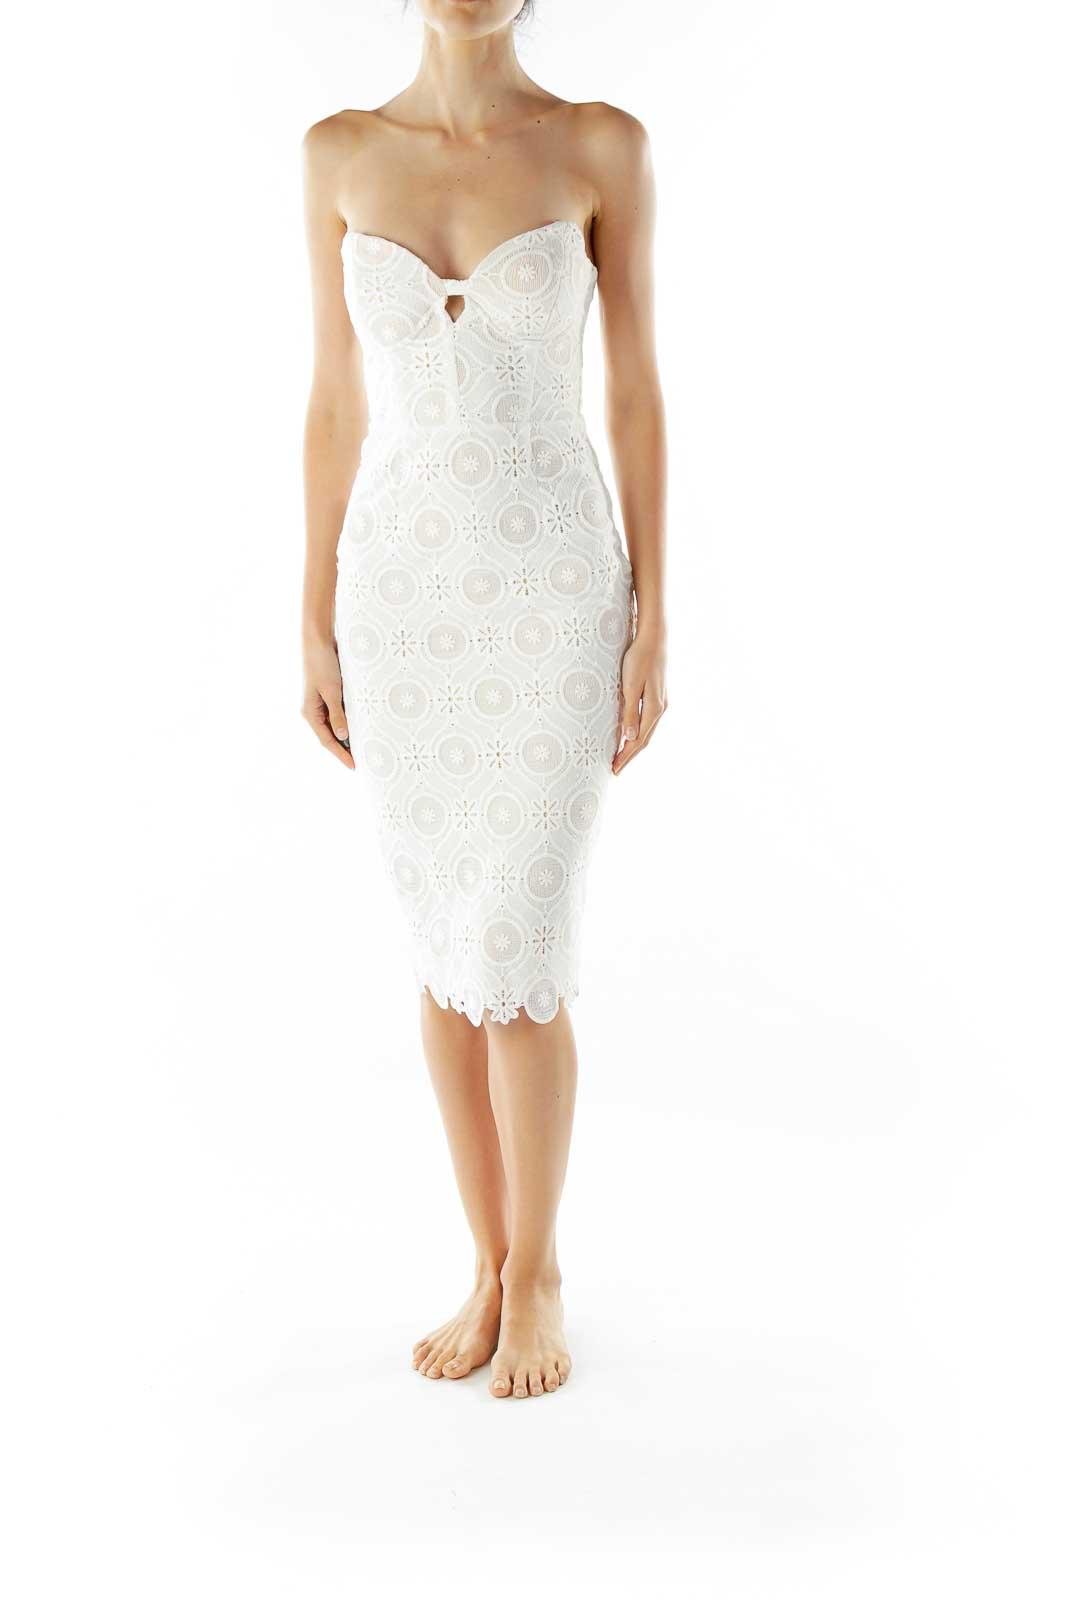 Cream Beige Lace BodyCon Dress